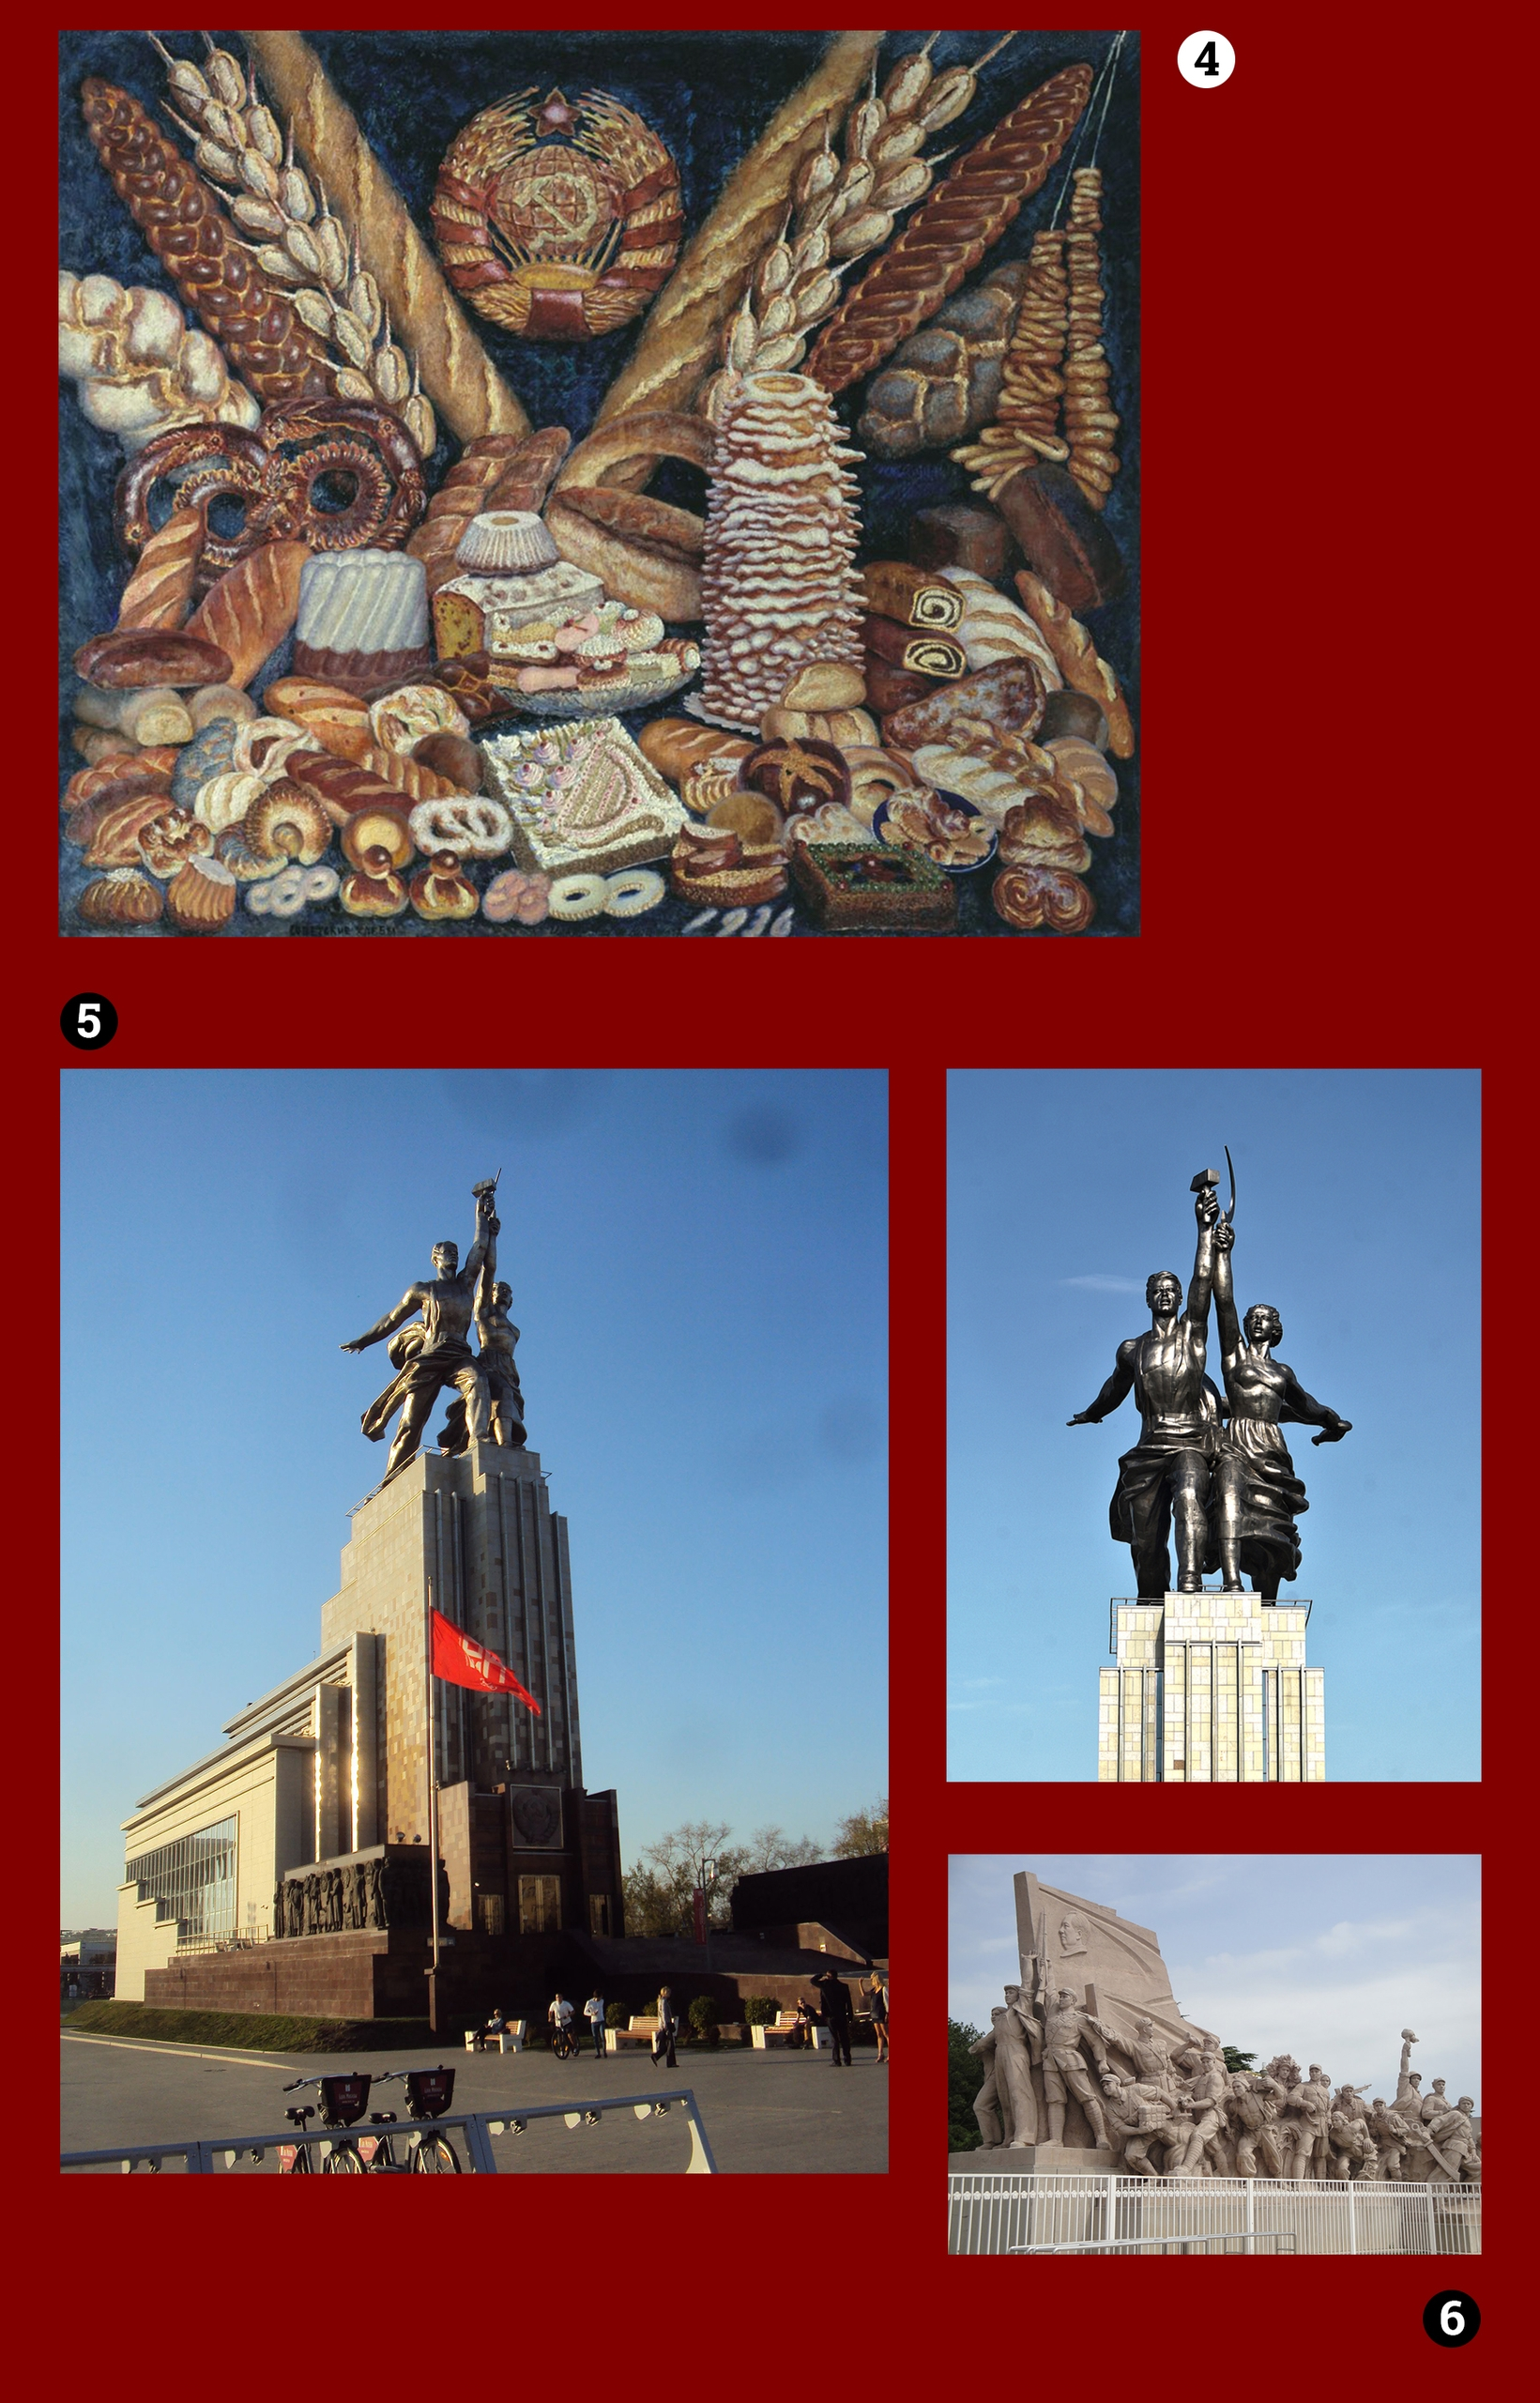 Obraz przedstawia cztery fotografie, widzimy obraz i trzy zdjęcia budowli, całość na bordowym tle.